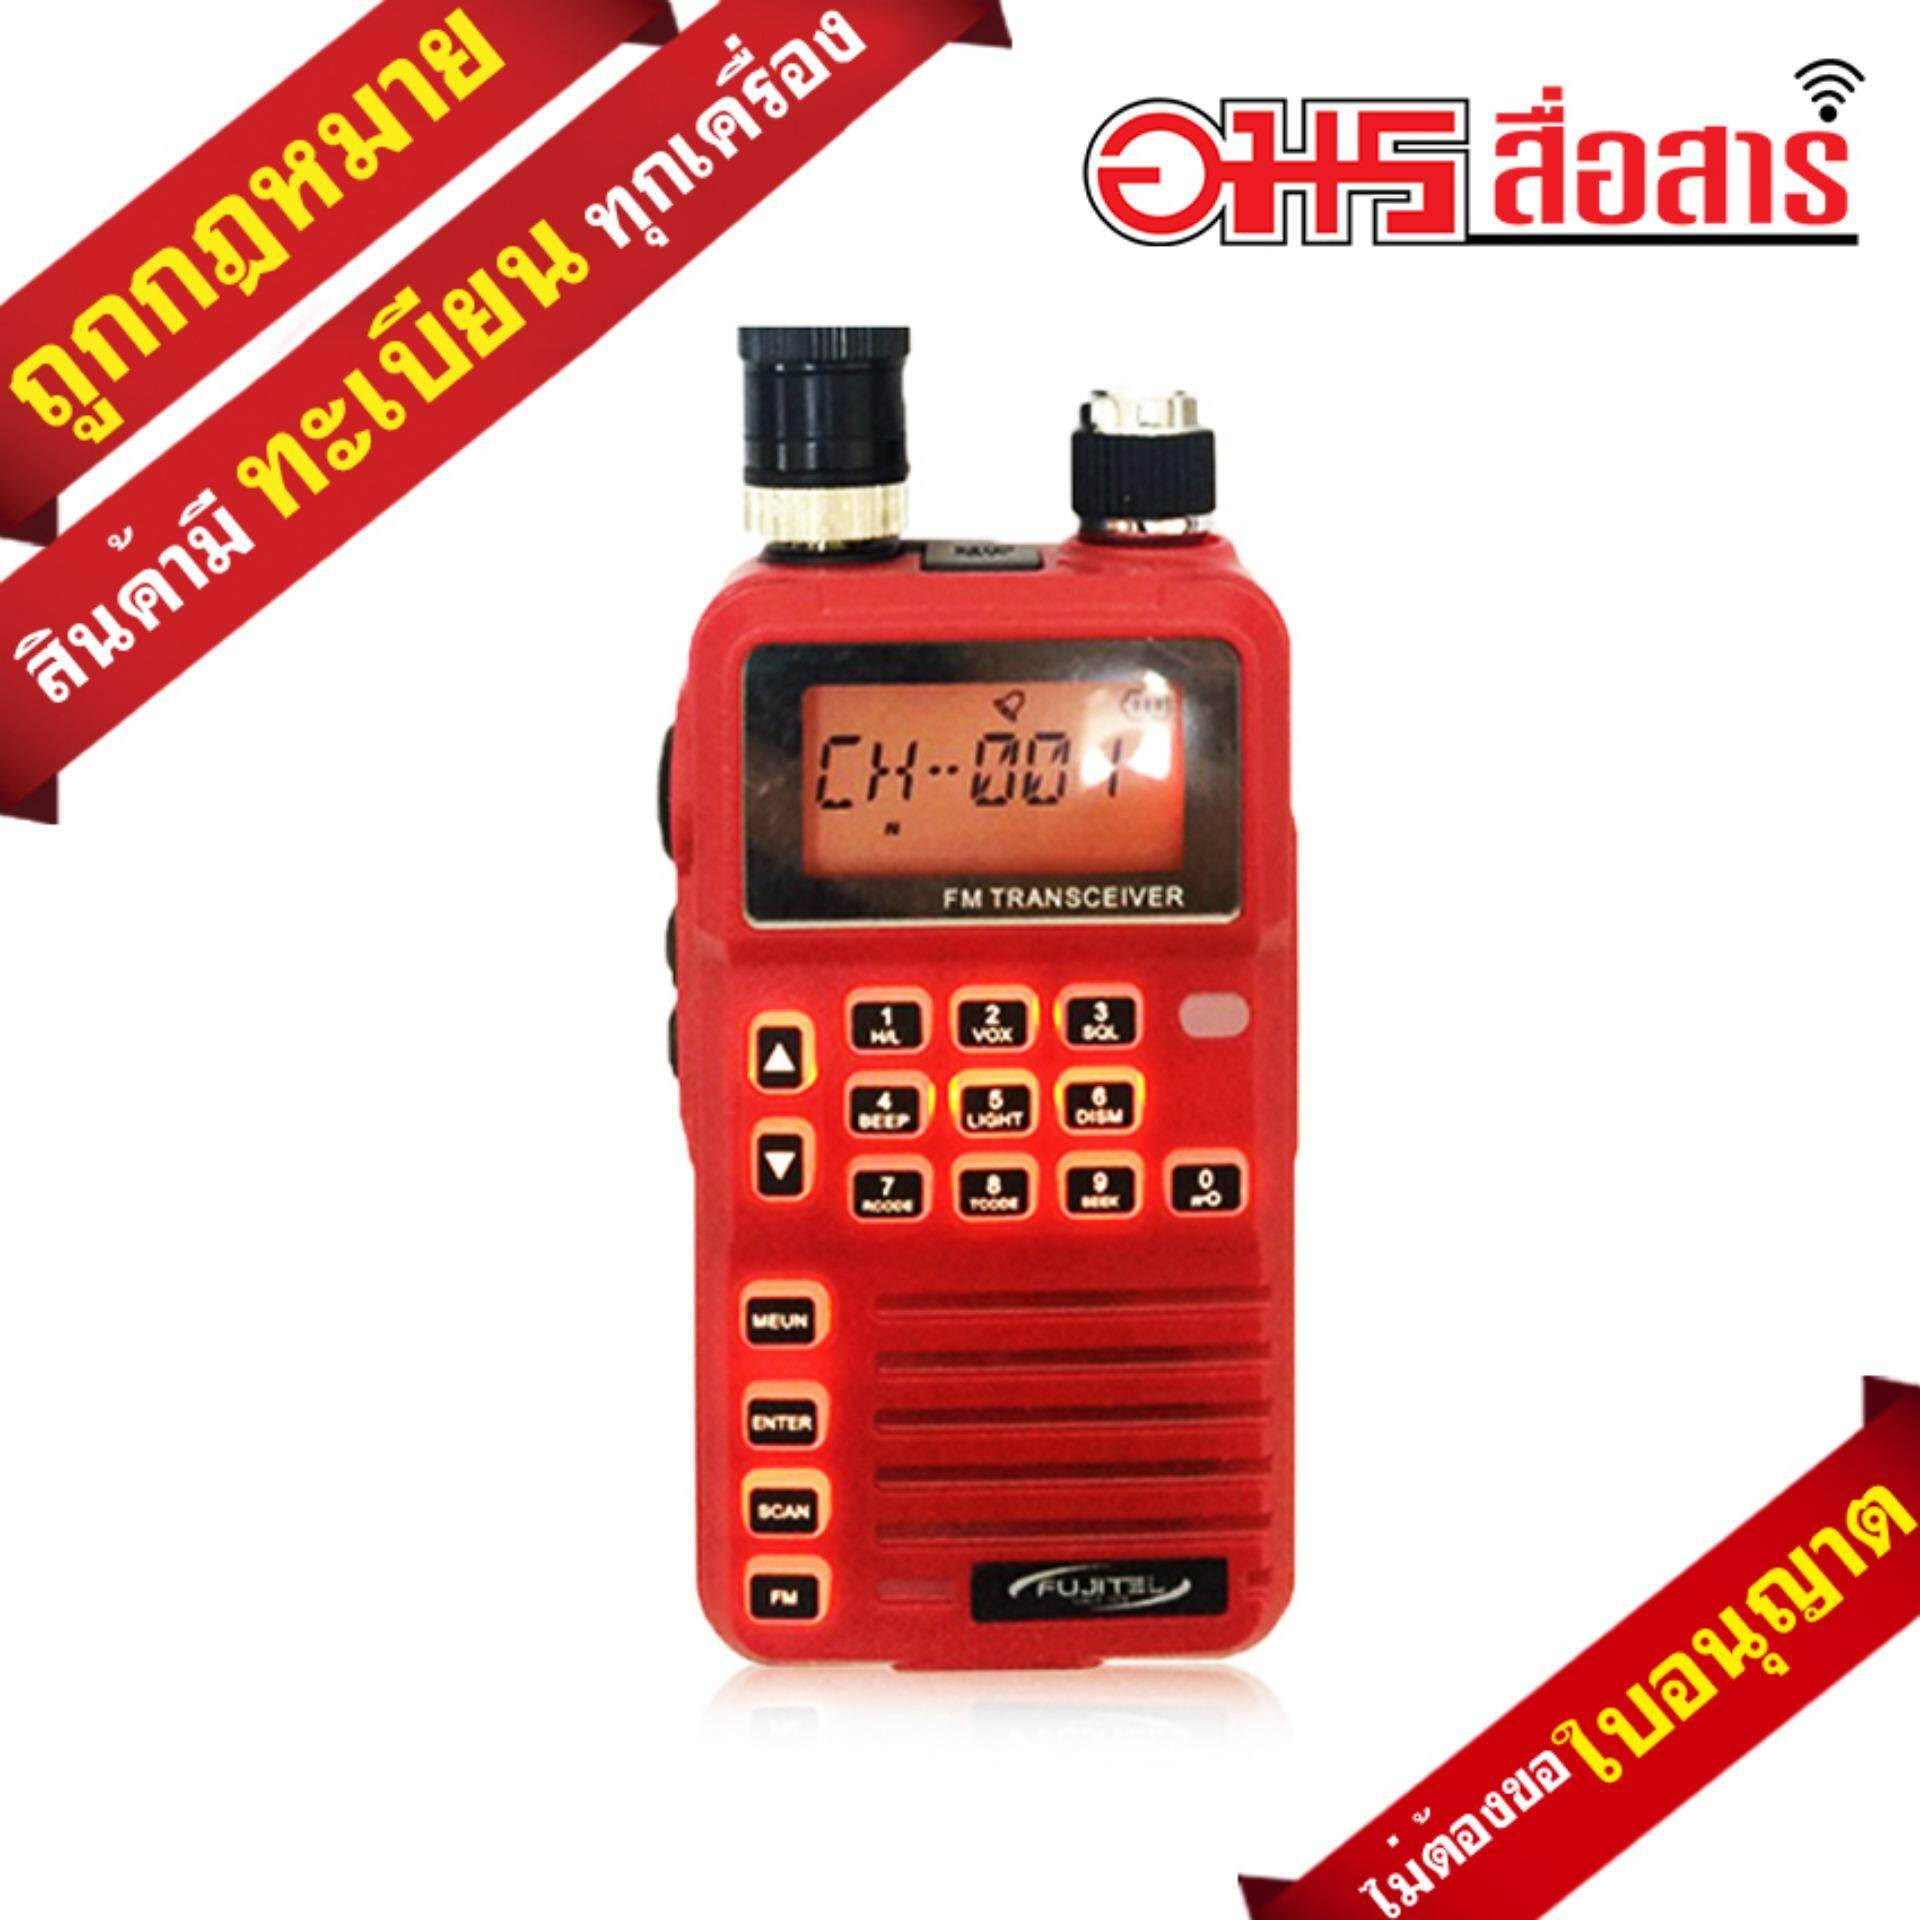 FUJITEL วิทยุสื่อสาร 0.5W  FB-5R สีแดง ถูกกฎหมาย ได้รับการยกเว้นใบอนุญาตพกพา WALKIE TALKIE walkie-talkie